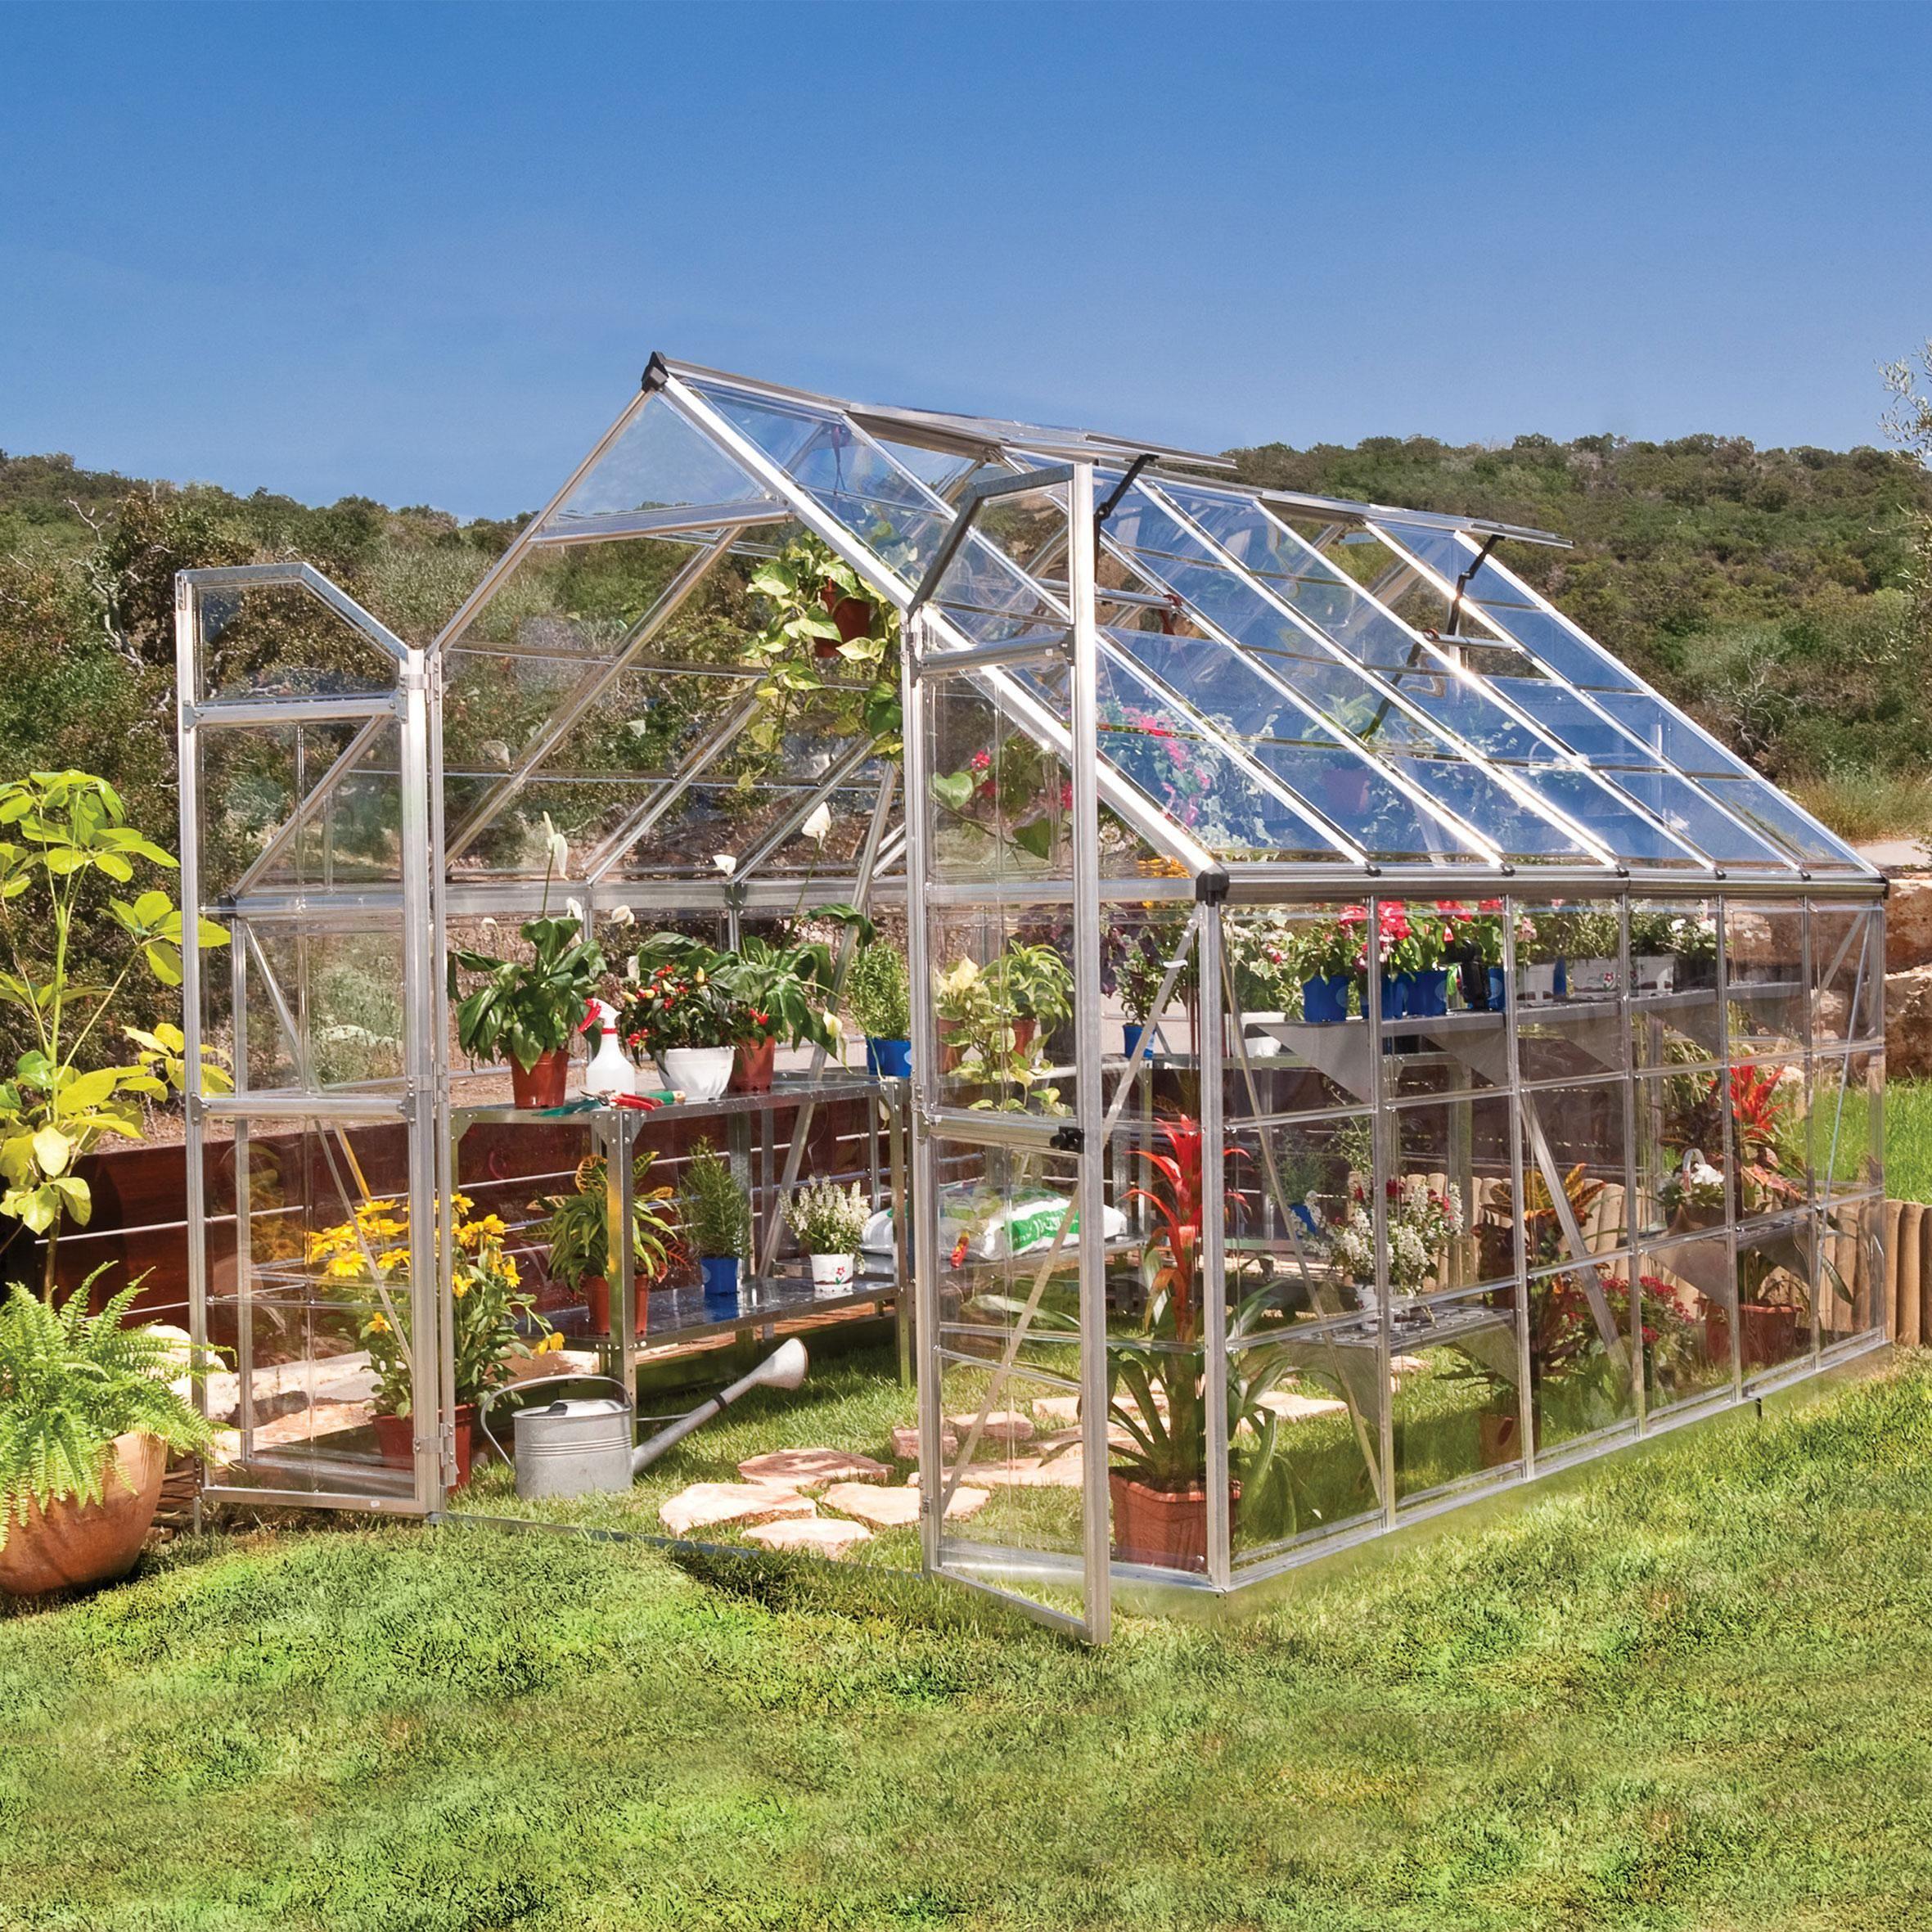 Serre De Jardin Octave 8 9 M Aluminium Et Polycarbonate Palram Serre Jardin Maison Verte Et Serre De Jardin Polycarbonate